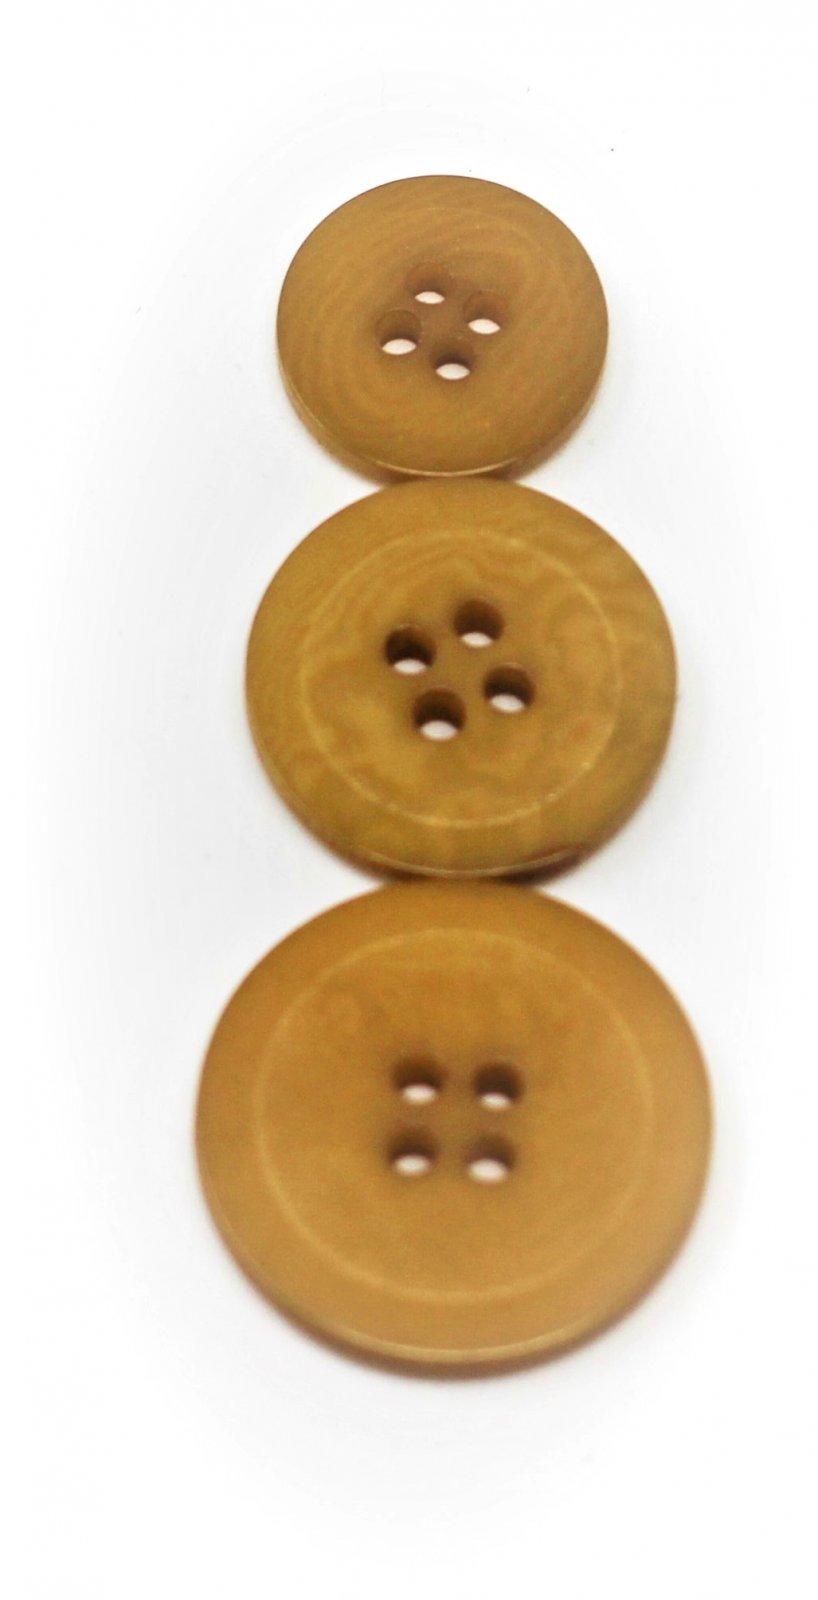 Italian tagua buttons, mustard